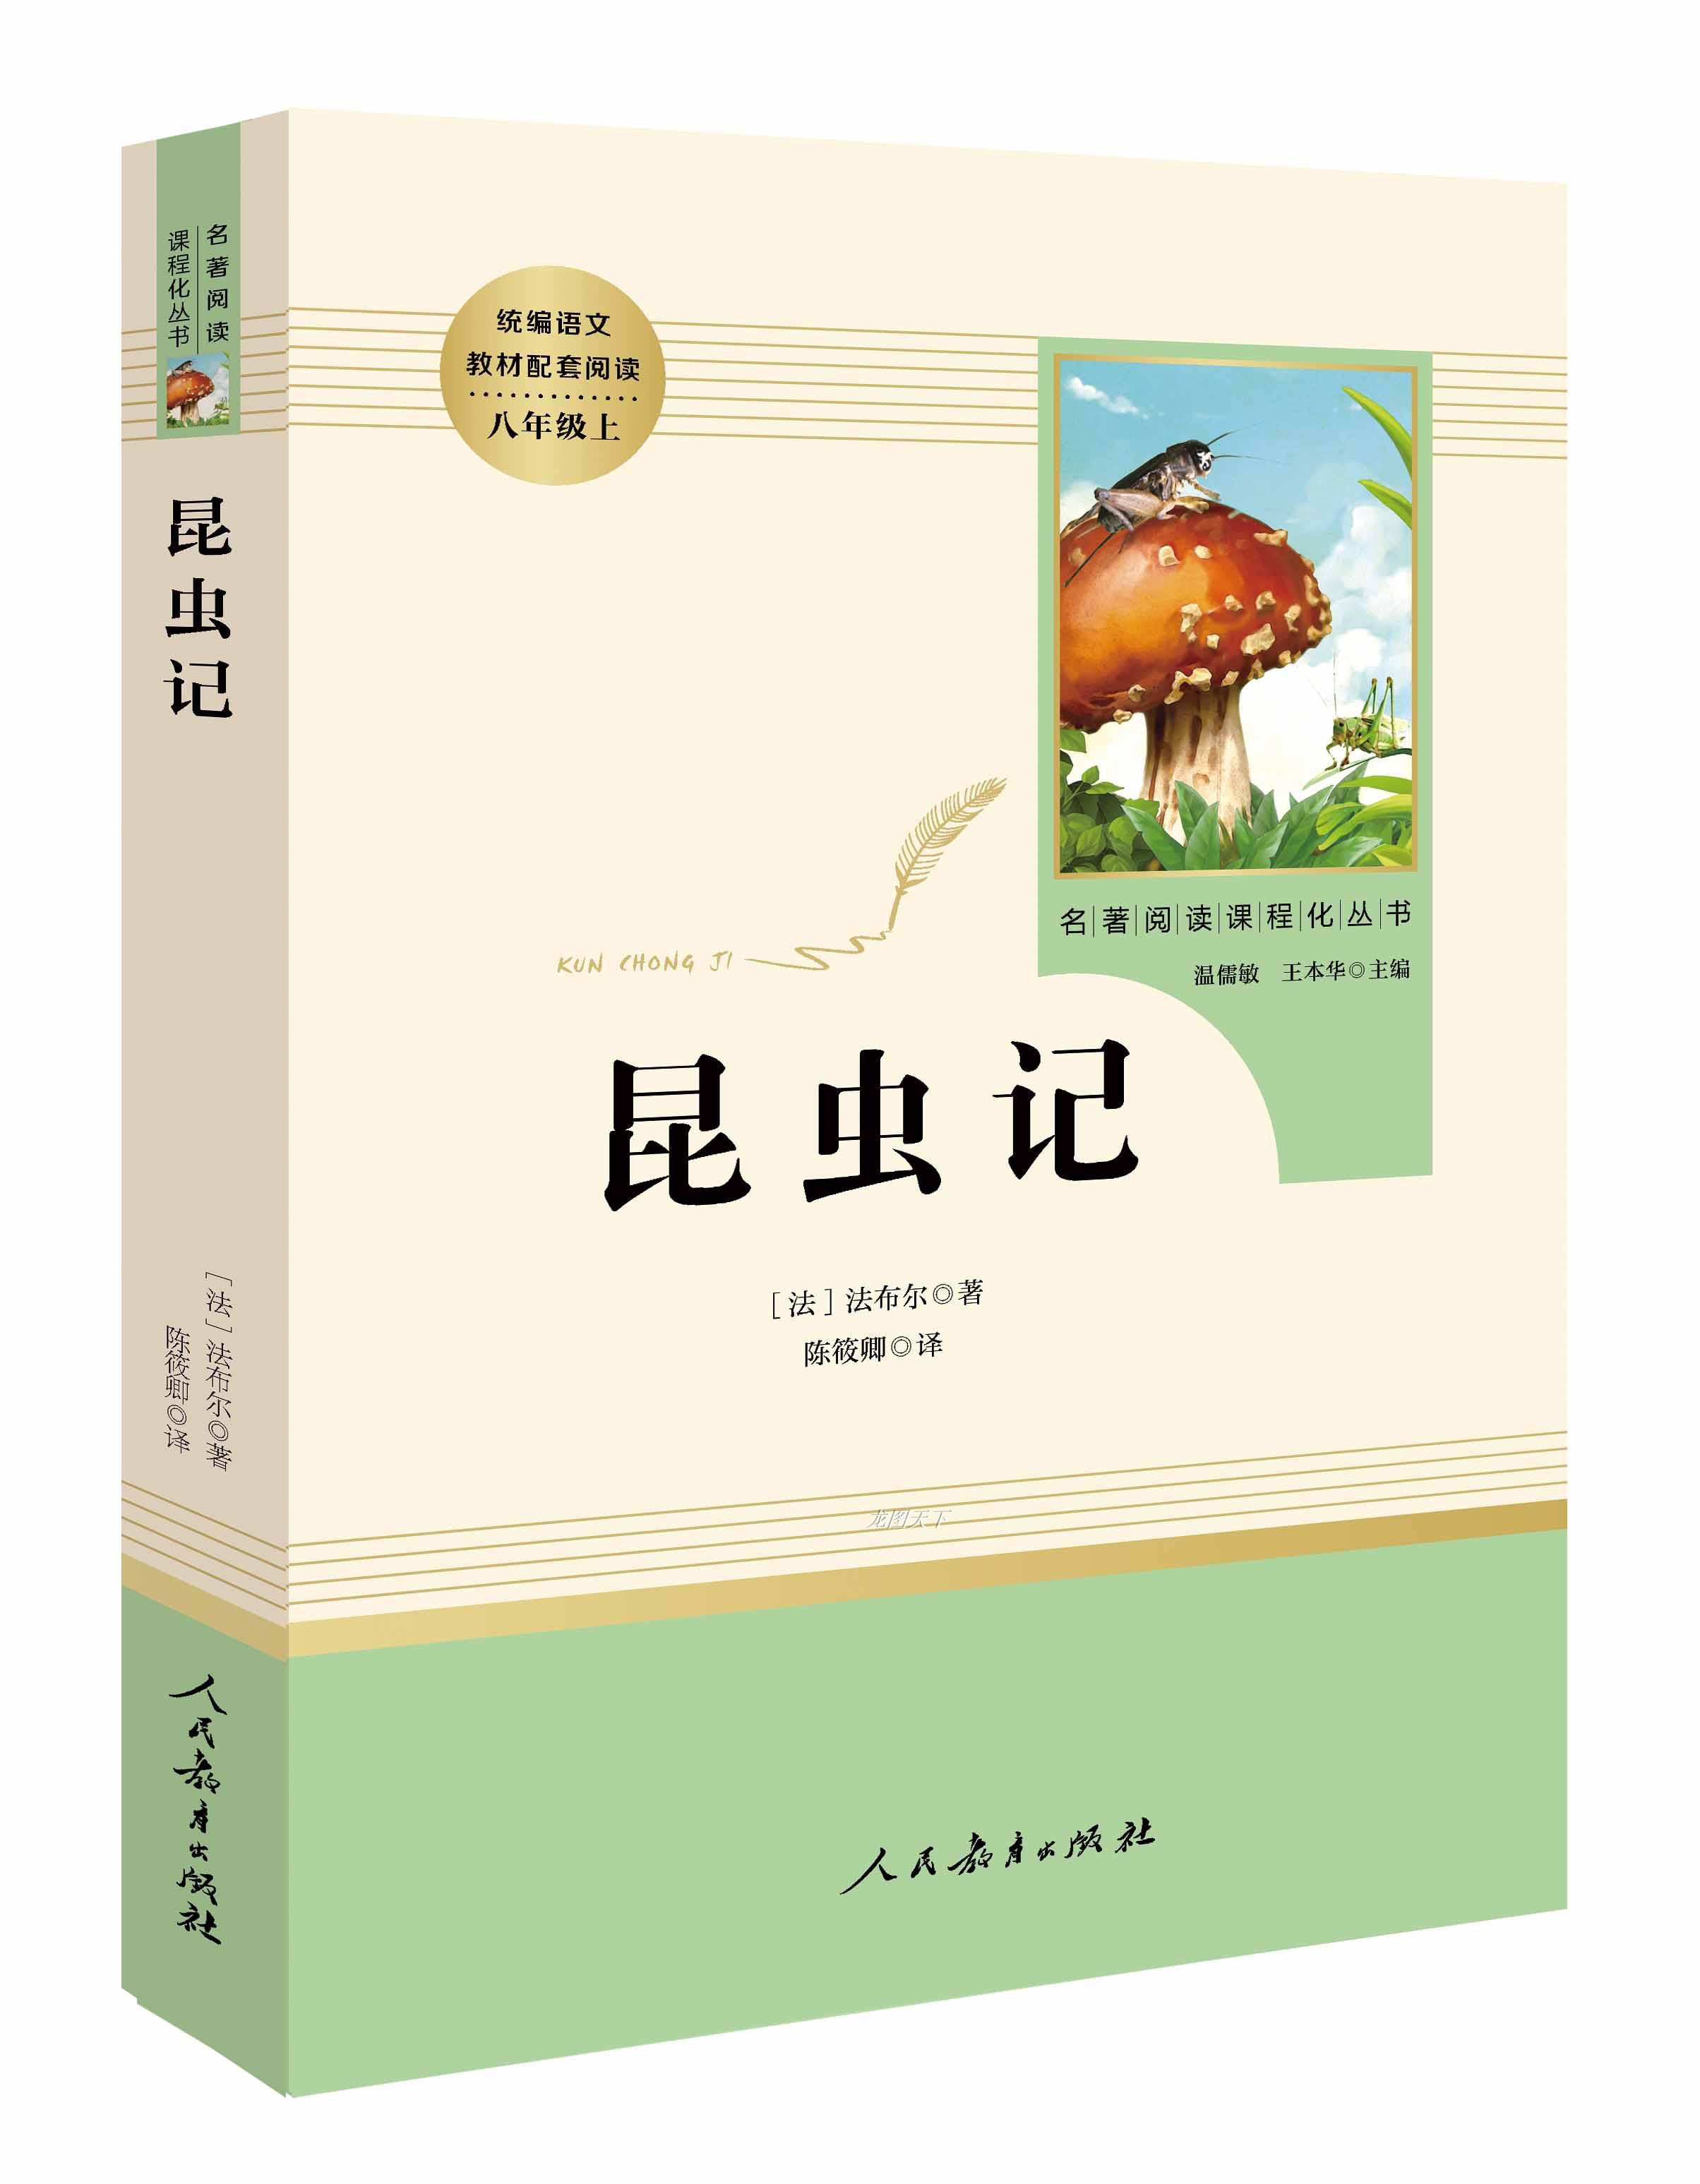 昆虫记初中生版正版包邮法布尔人民教育出版社完整版中学生课外书籍八年级上册语文推荐必阅读名著红星照耀中国 人教版